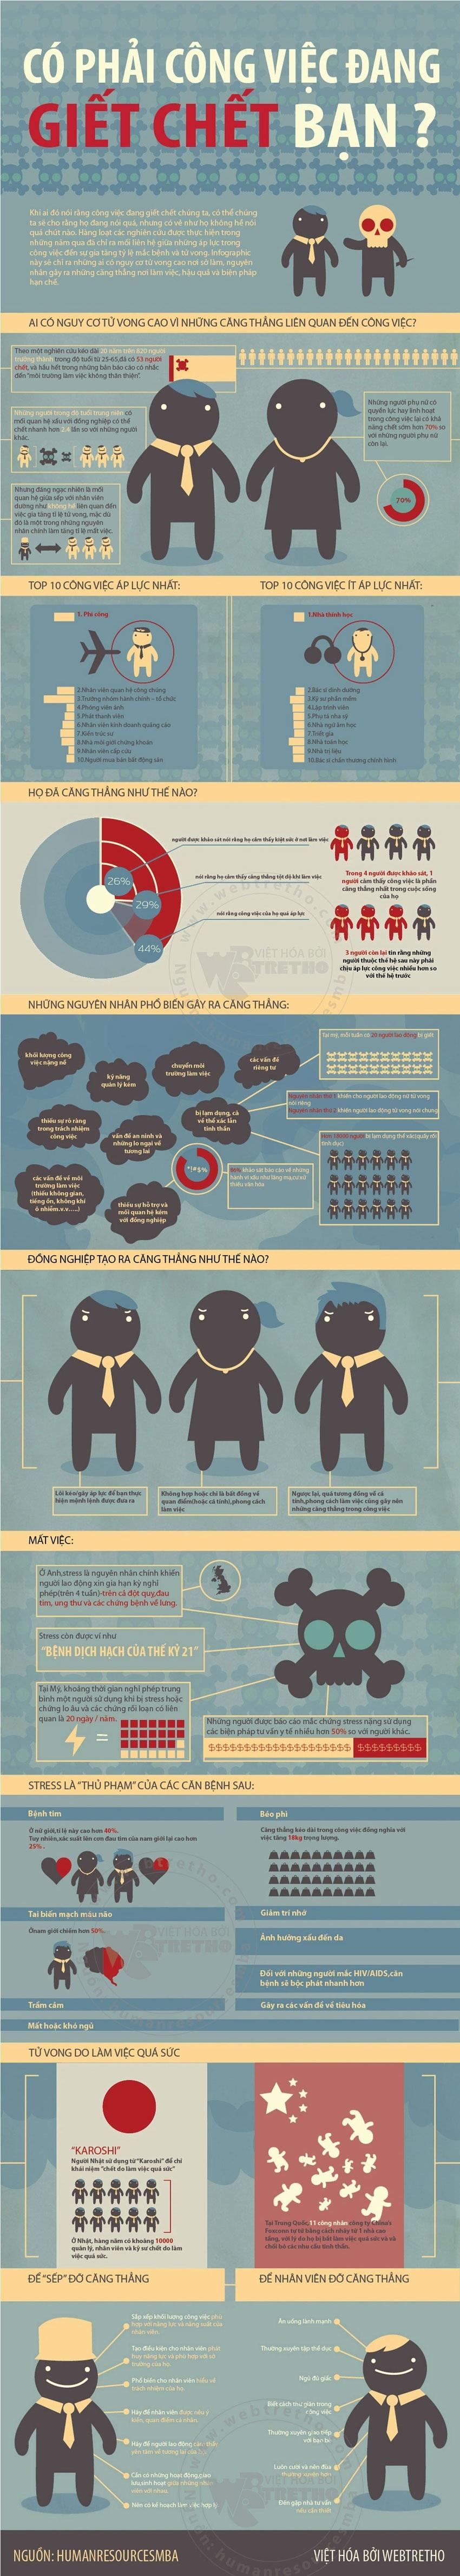 Infographic - Áp Lực Công Việc